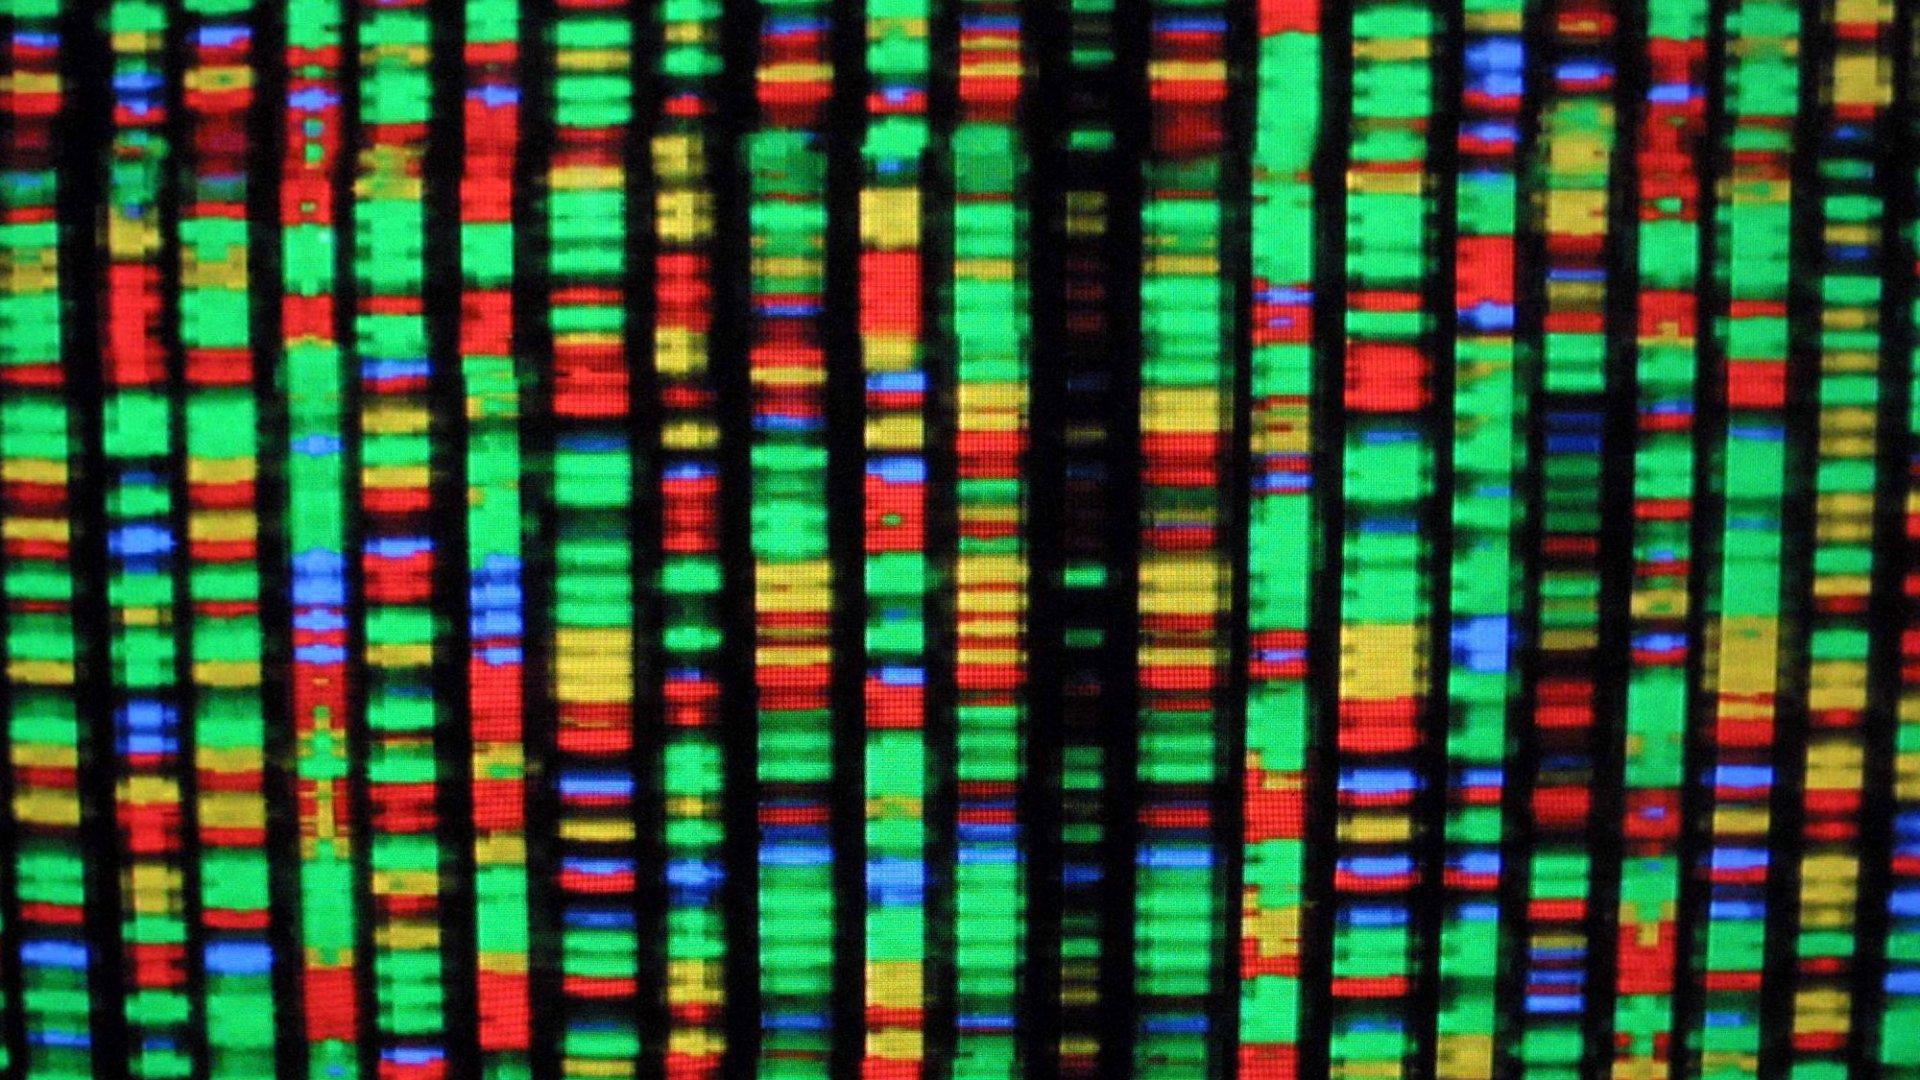 A digital representation of DNA.